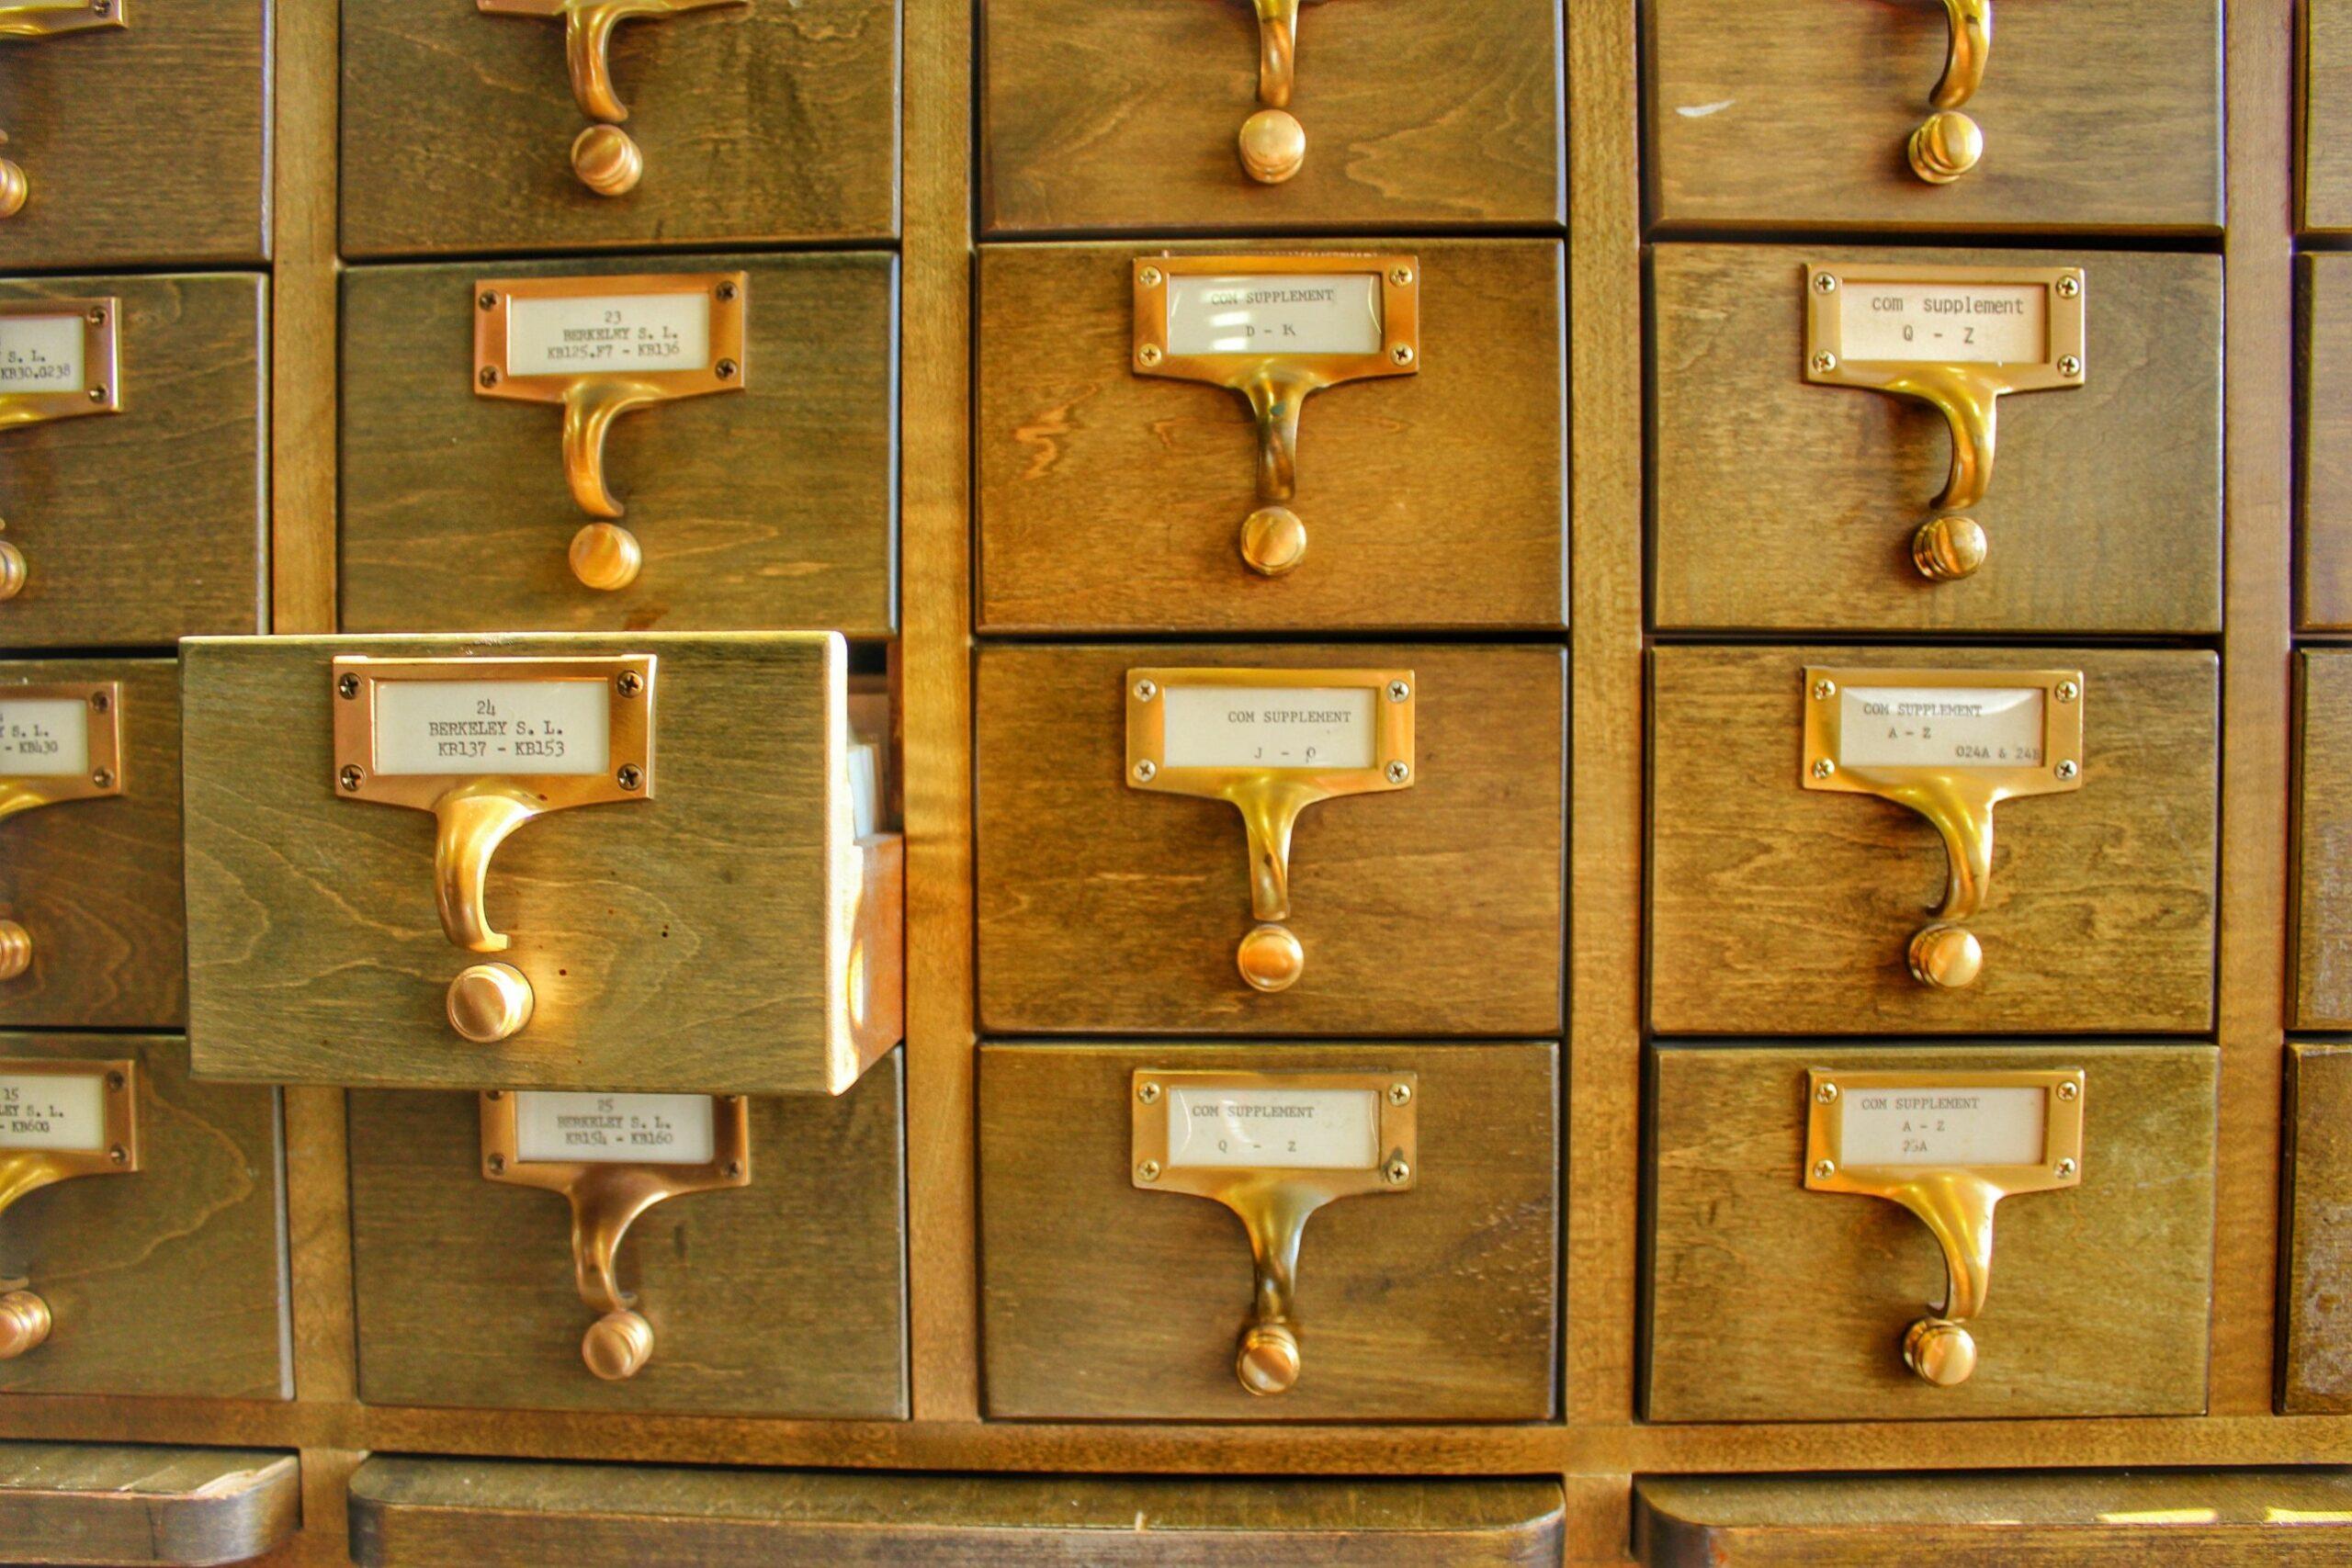 une armoire remplie de casiers avec des fiches de français